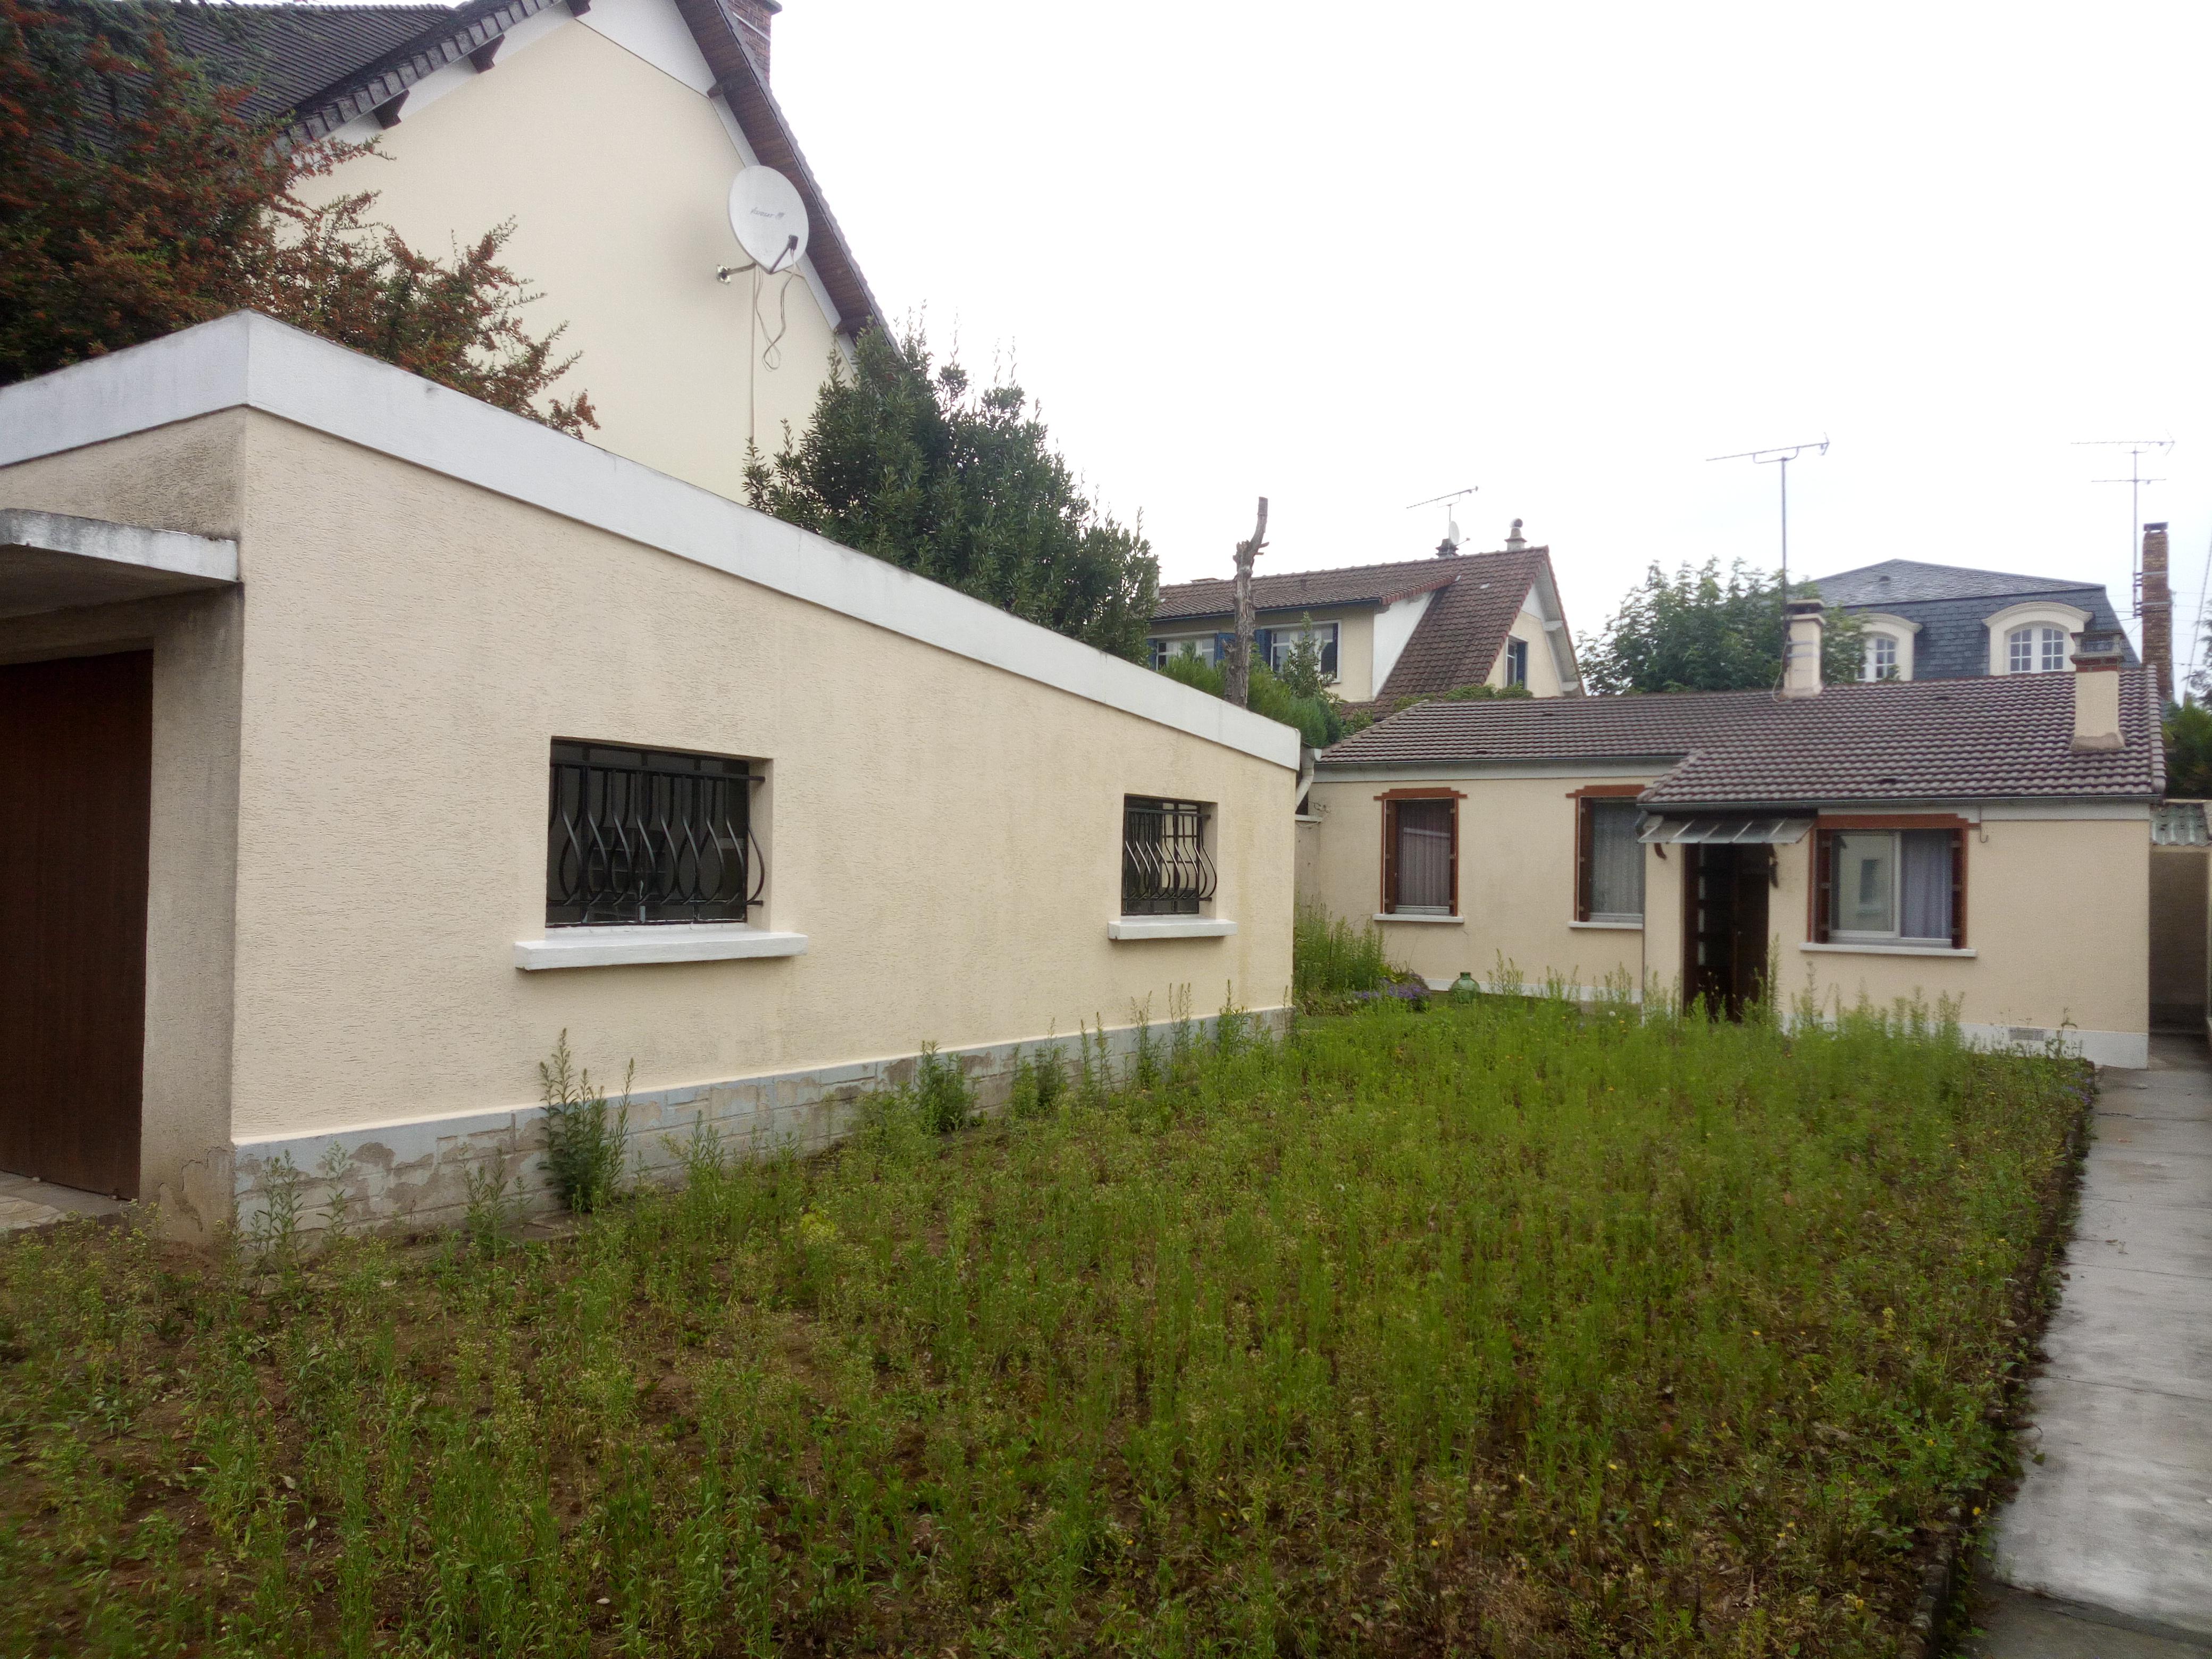 Maison 2 Pièces 40m2 à Ormesson sur Marne (94490)